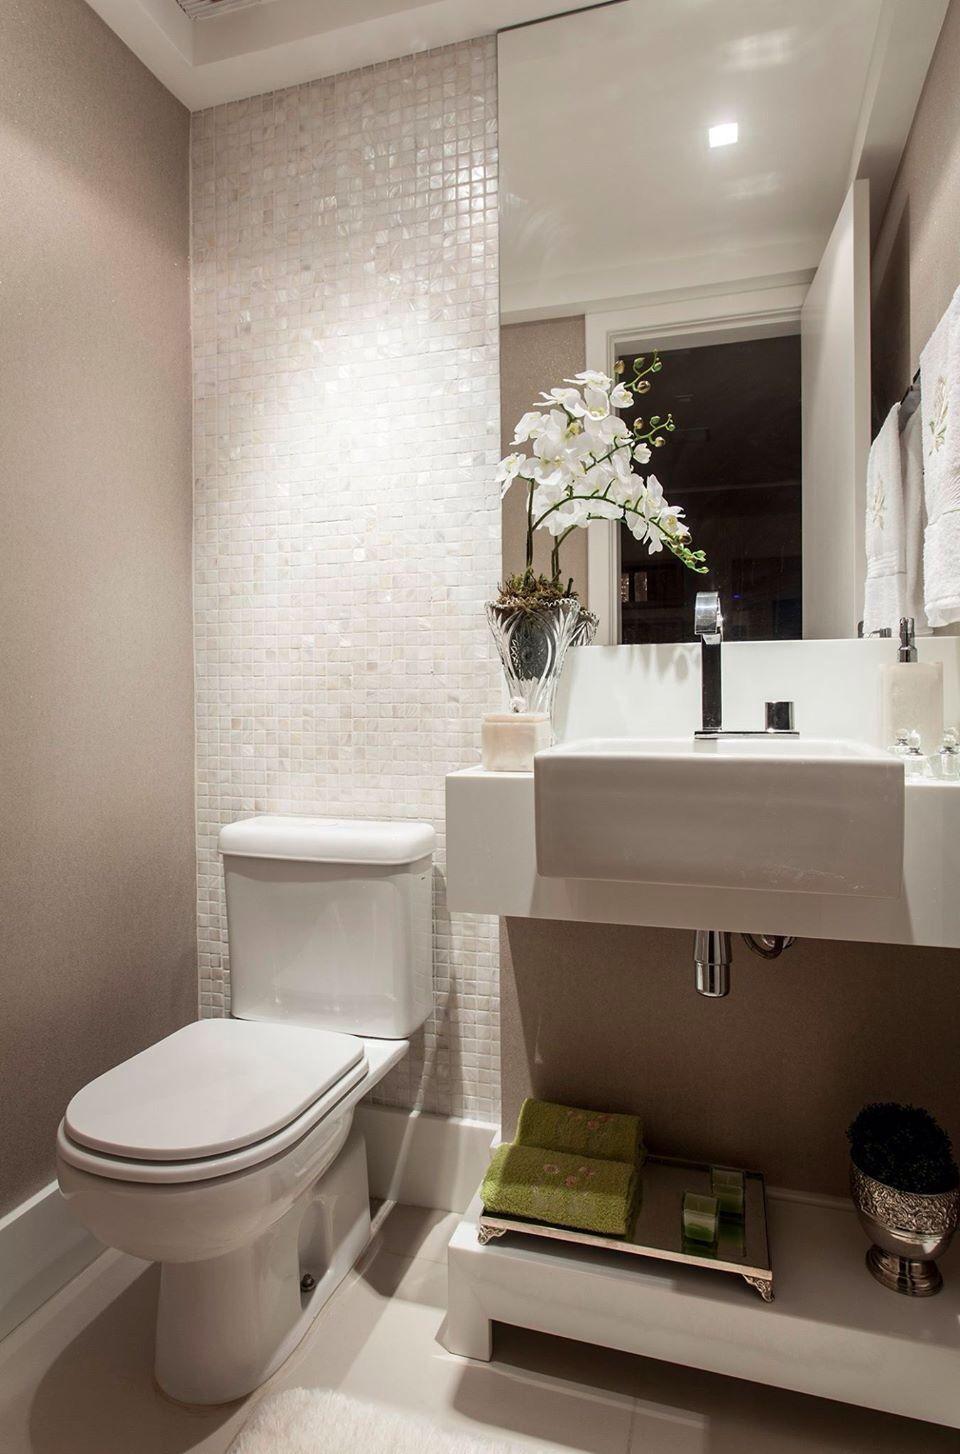 Cuarto de baño pequeño. Lavabo sobre encimera. | bathroom ...